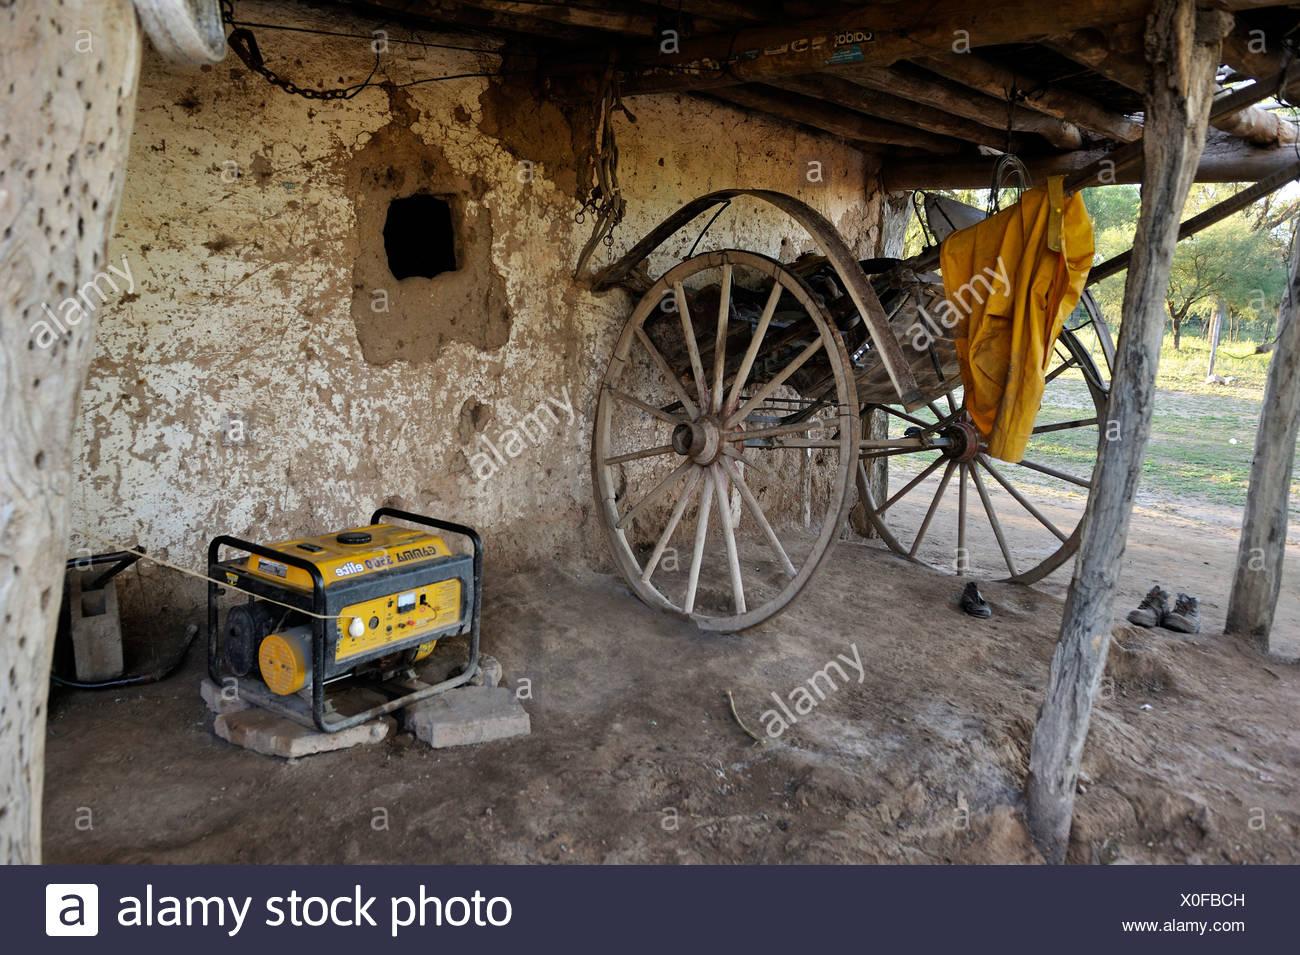 Generator und Ochsenkarren auf einem kleinen Bauernhof, Gran Chaco, Santiago del Estero Provinz, Argentinien, Südamerika Stockbild